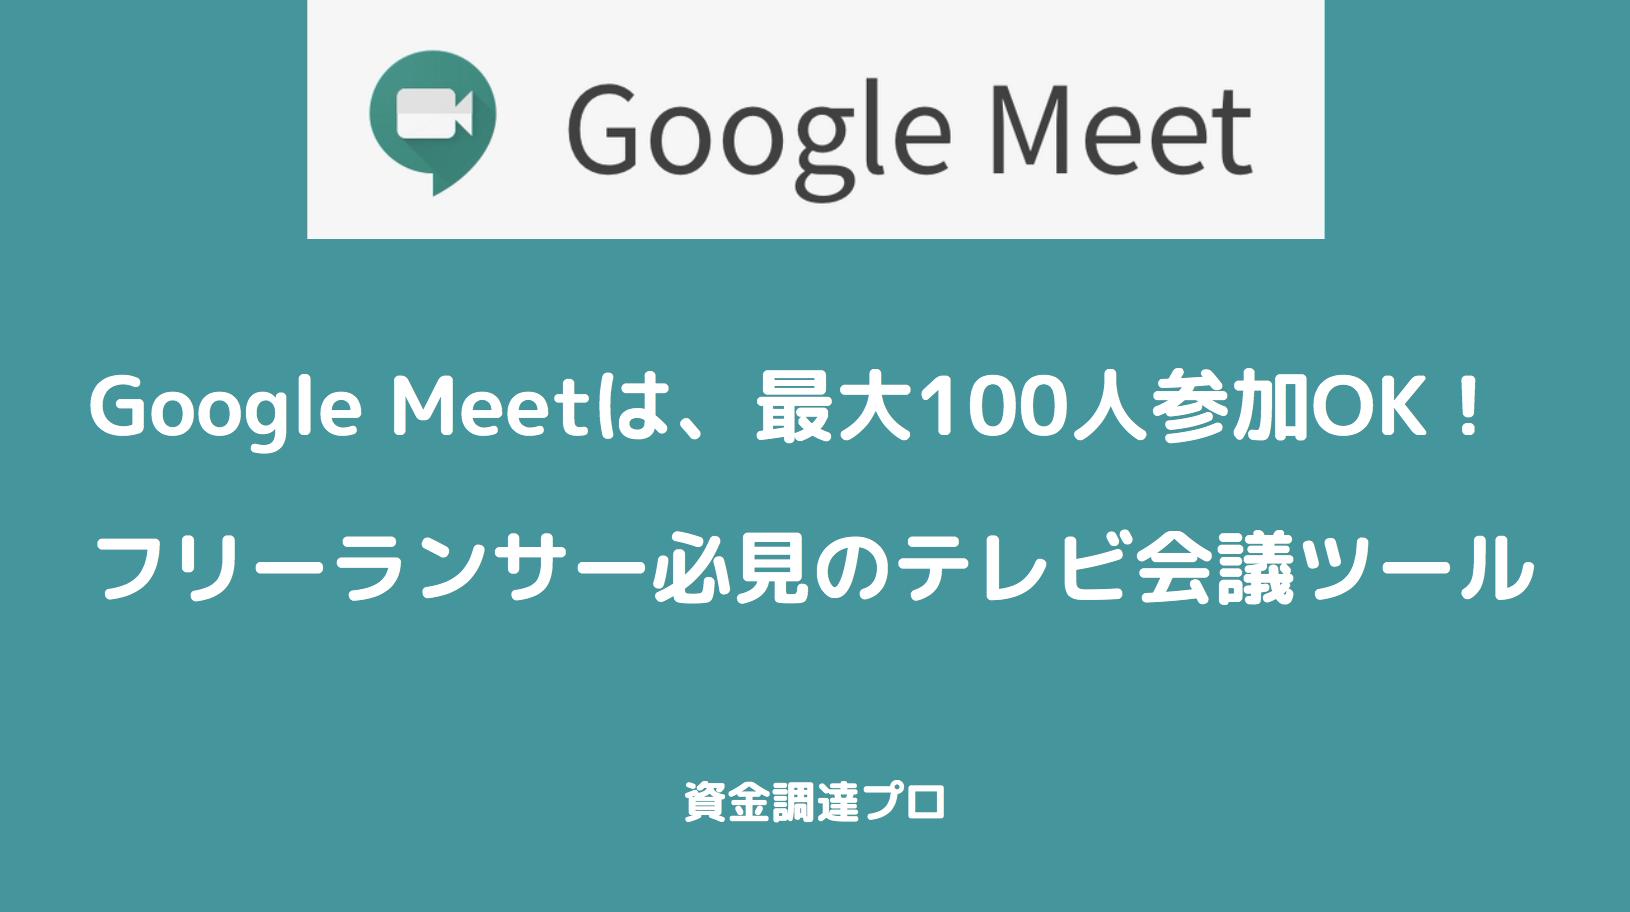 フリーランサー必見!Google Meet